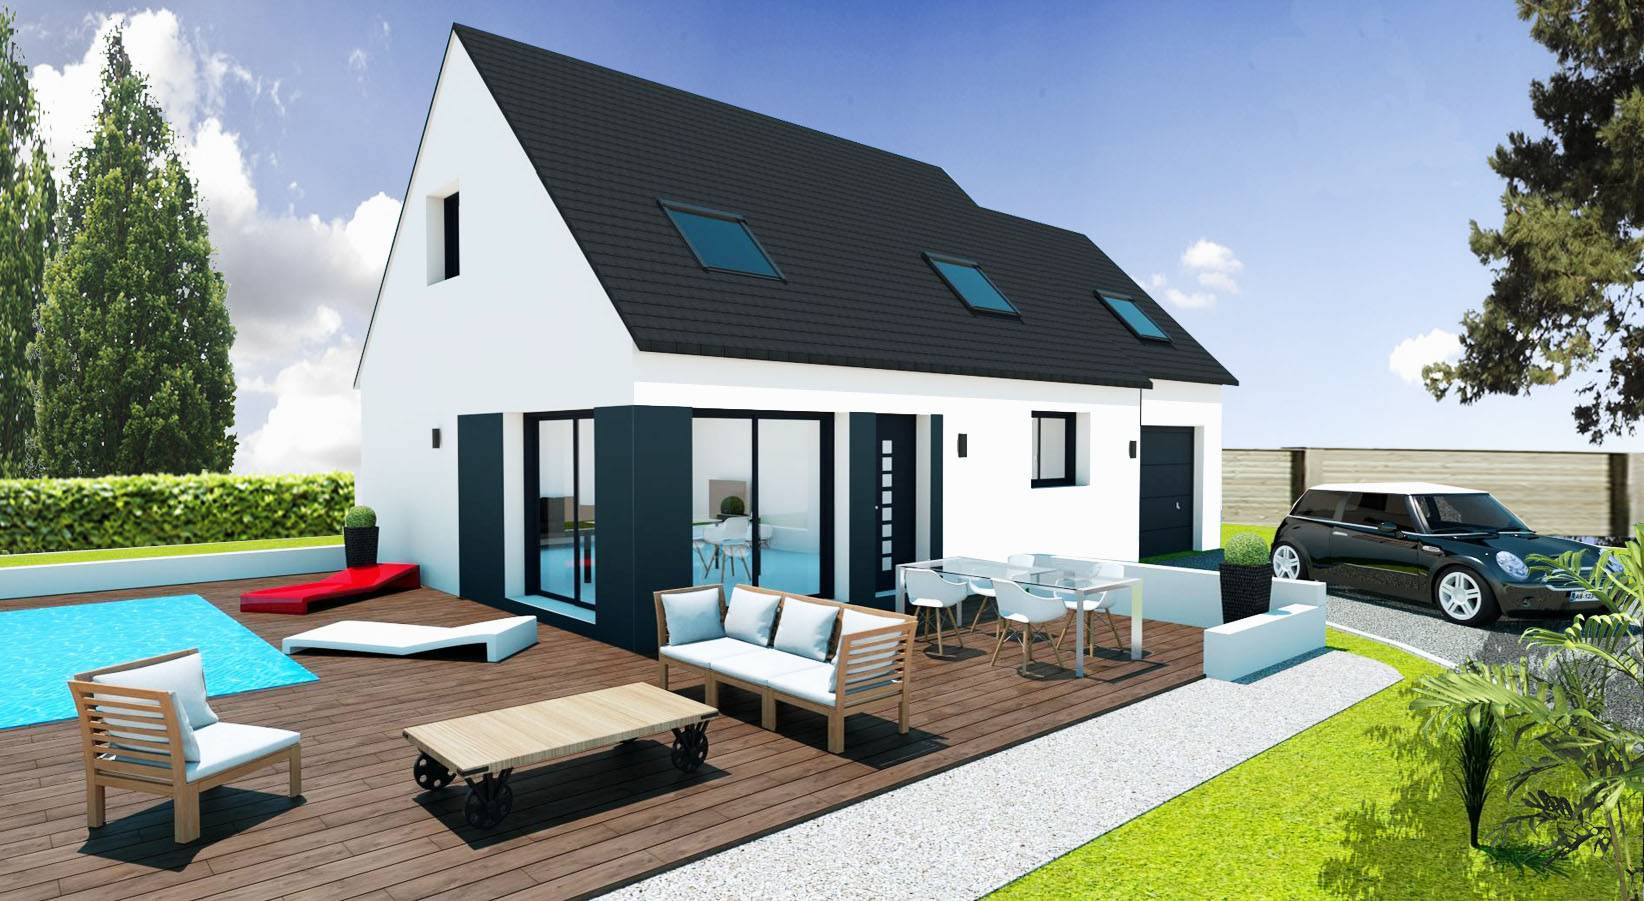 votre maison en 3d avec les maisons pep 39 s maisons pep 39 s. Black Bedroom Furniture Sets. Home Design Ideas